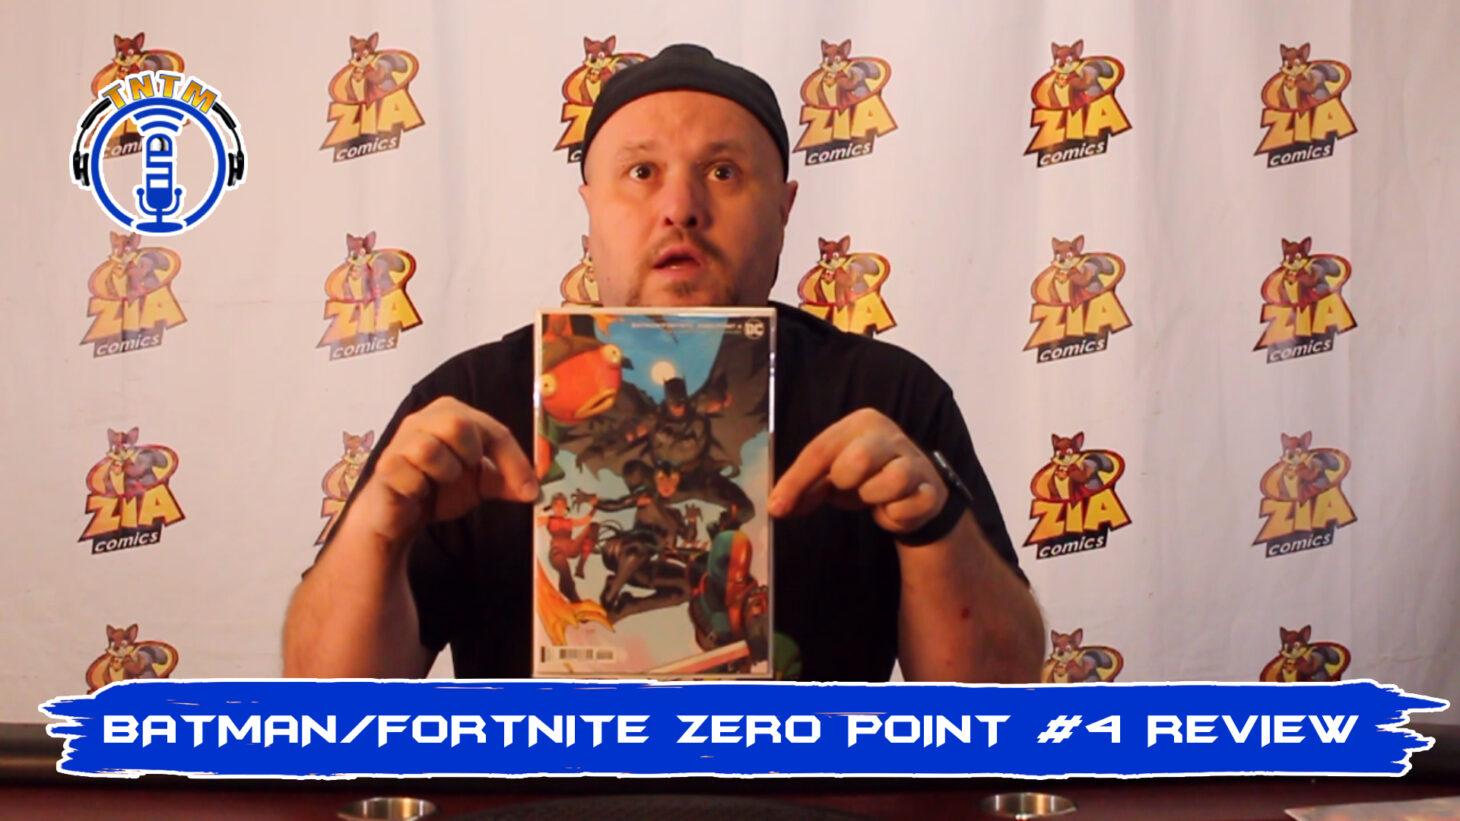 zero point 4